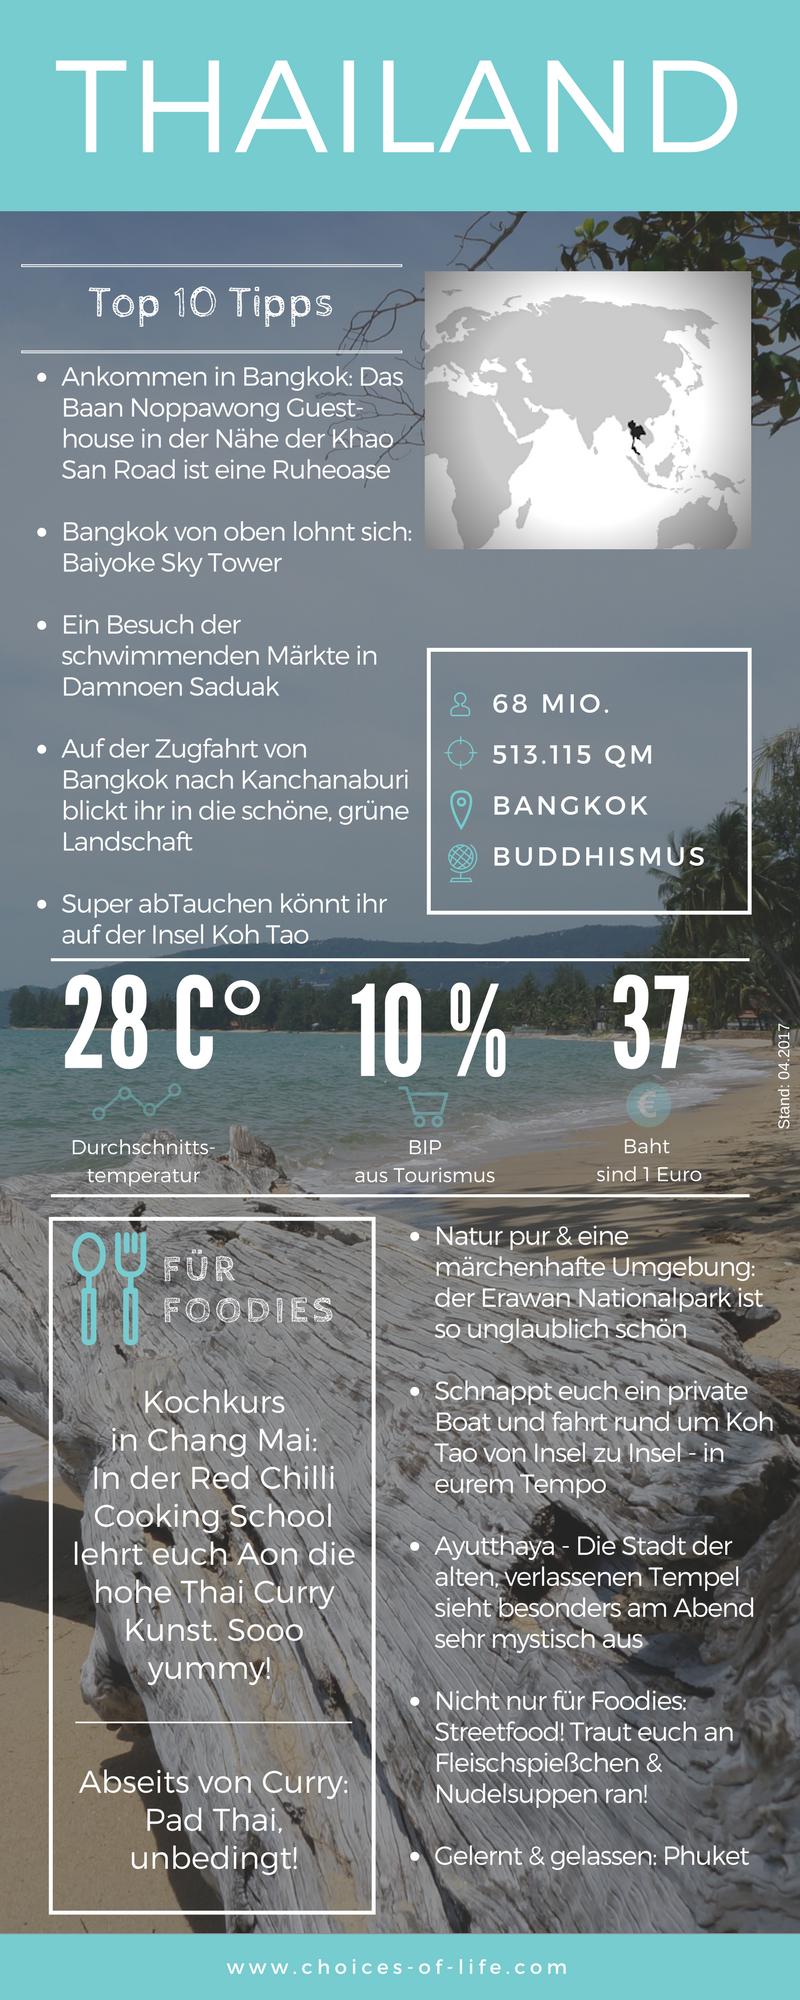 Top 10 Tipps Thailand   Backpacker   Urlaub   Thailand Reise #wanderlust